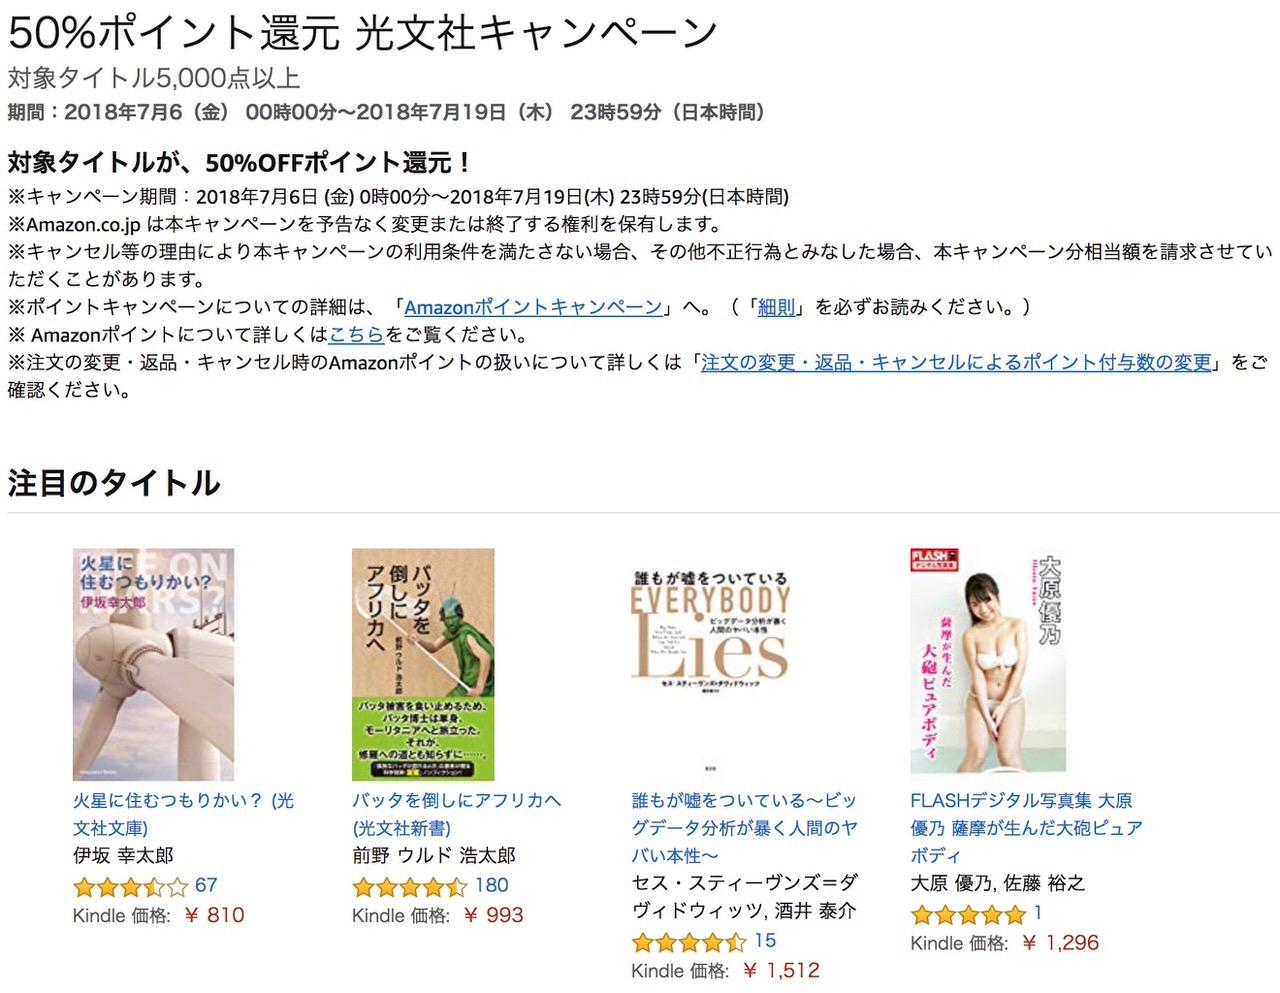 【Kindleセール】5,000冊以上が対象!「50%ポイント還元 光文社キャンペーン」(7/19まで)